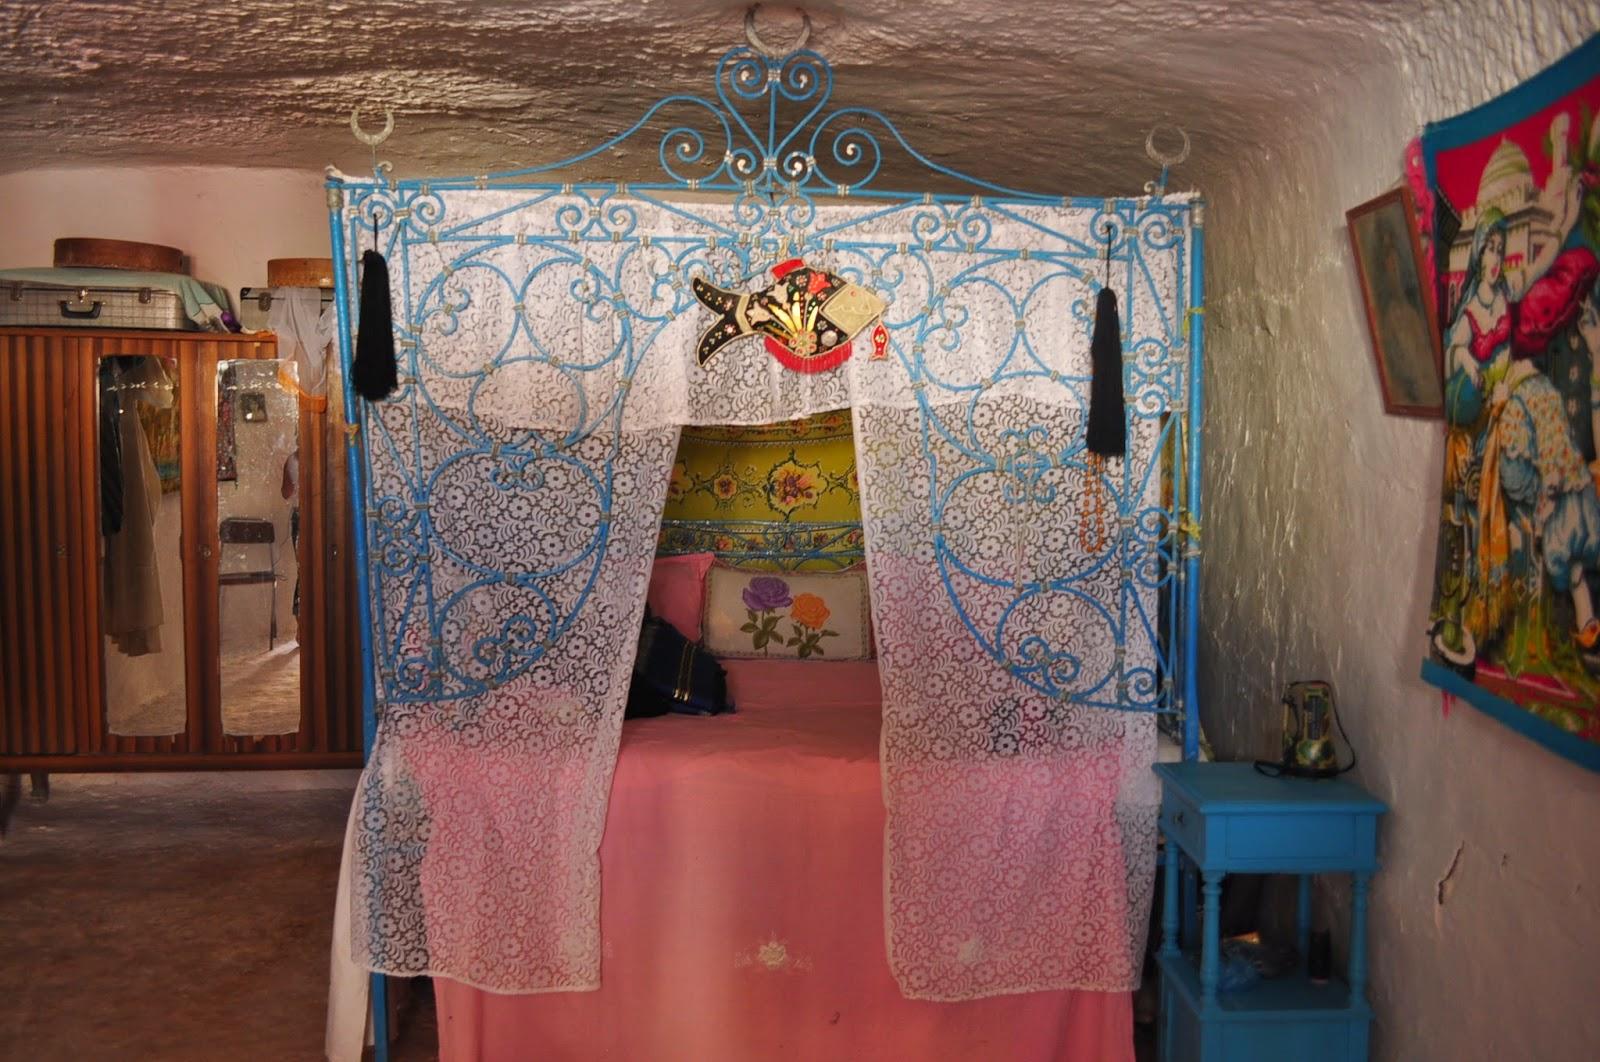 Рибката изобразена, на балдахина на леглото е мюсюлмански символ за благополучие и се среща в повечето пустинни къщи